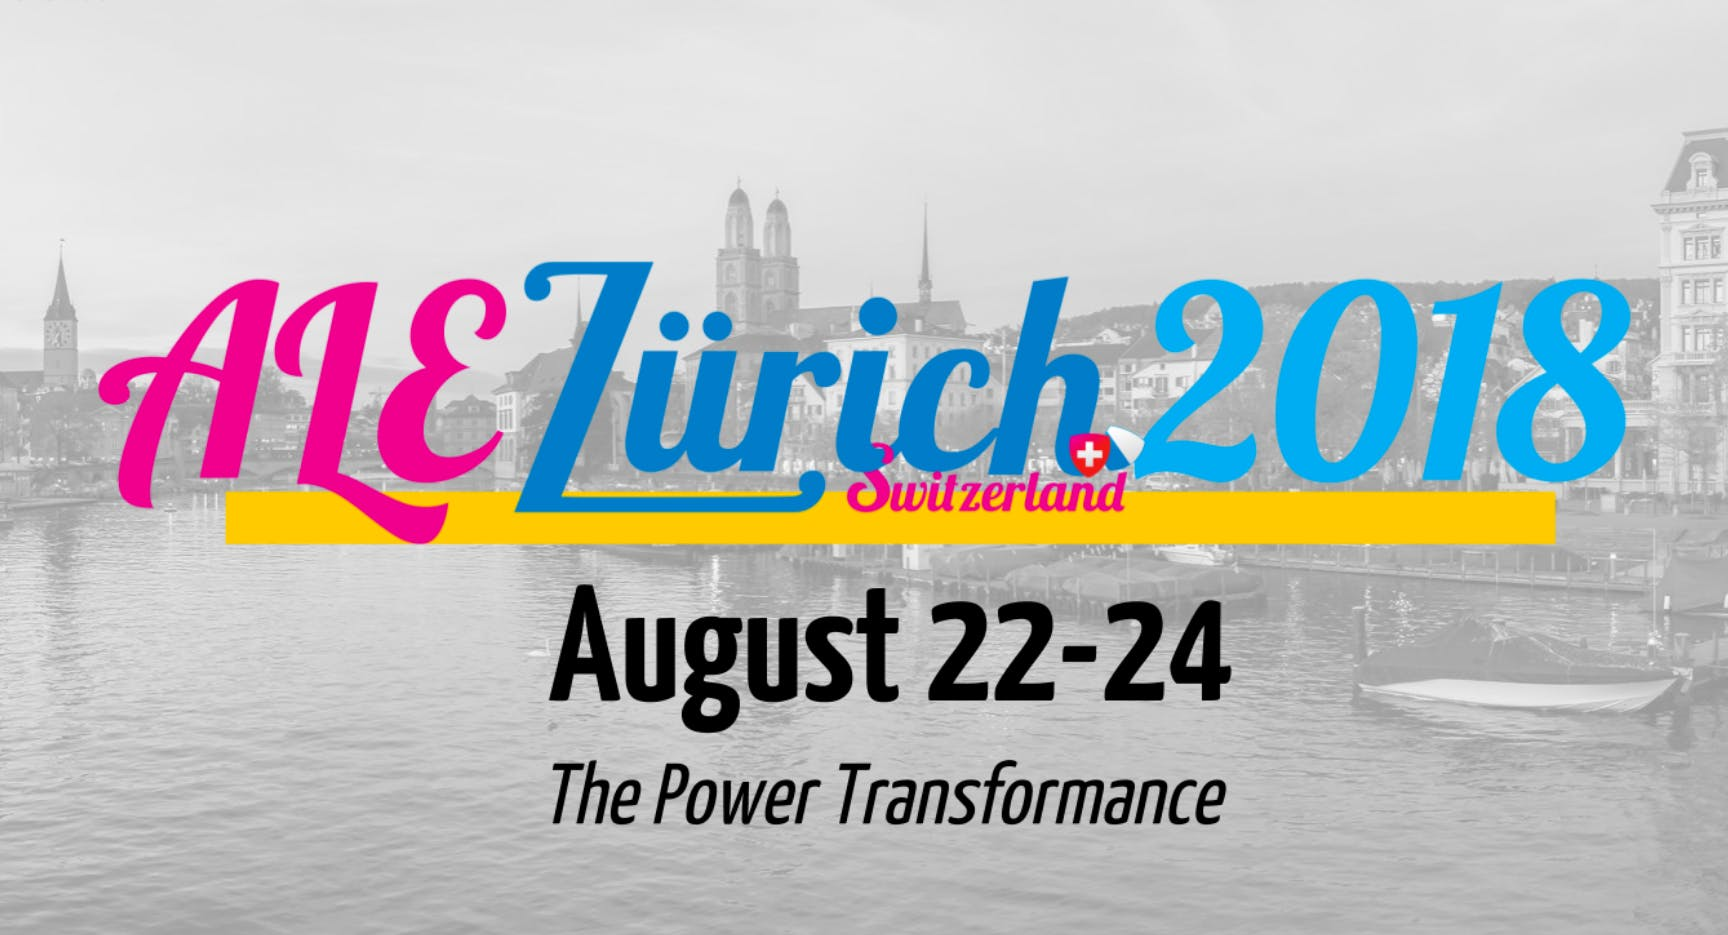 Agile Lean Europe 2018 Unconference Zürich